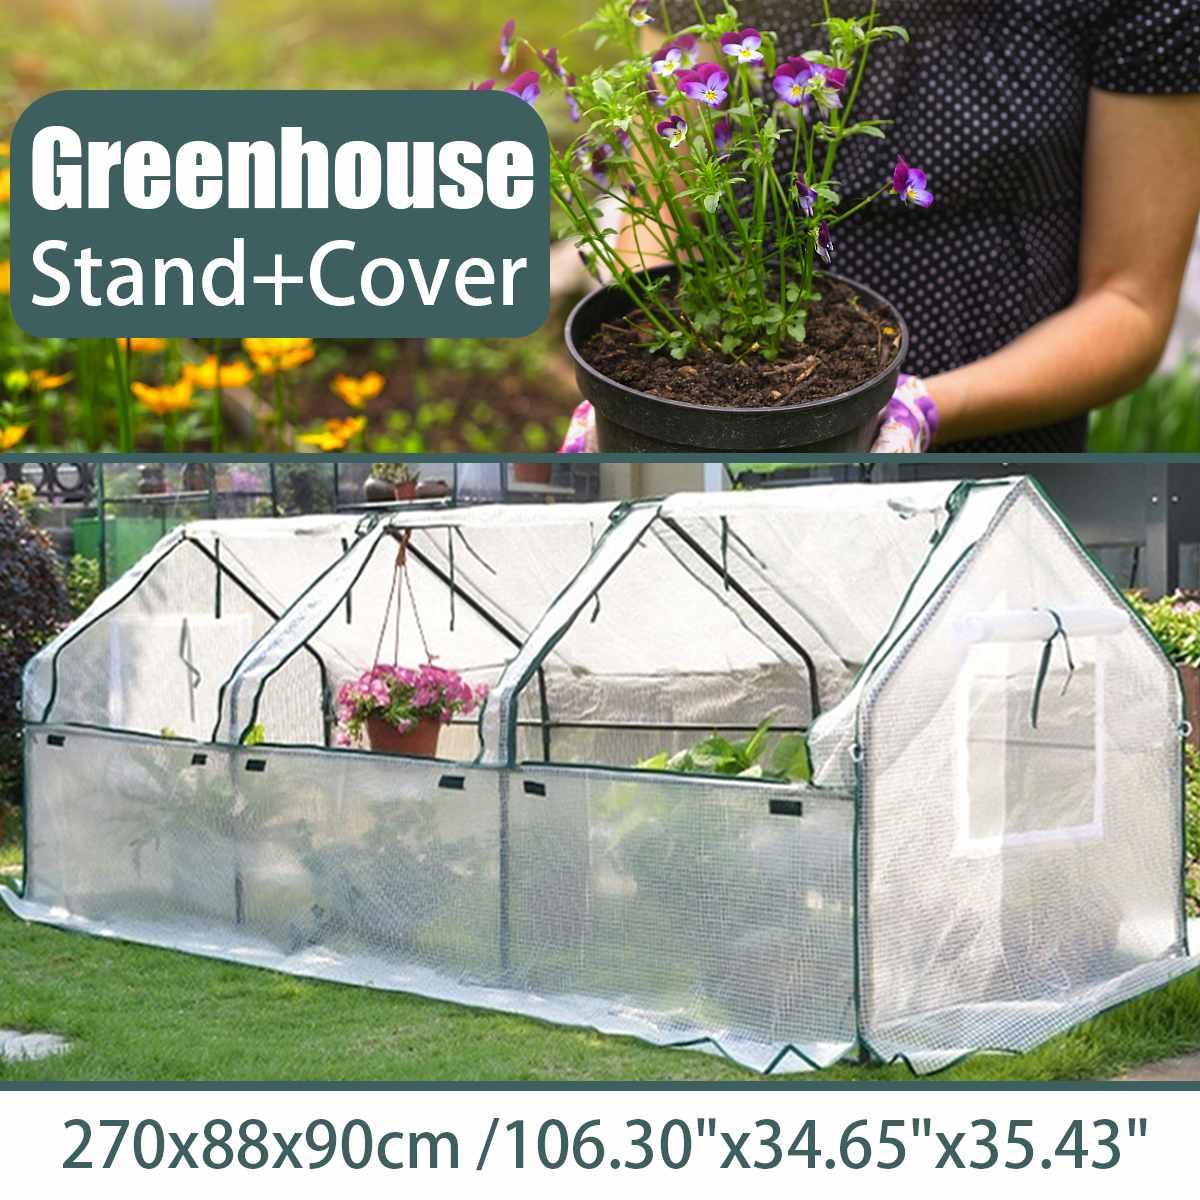 حديقة كبيرة البيت الأخضر PE حديقة النباتات الدافئة الدفيئة غطاء مع إطار فولاذي نافذة في الهواء الطلق غطاء نبات سحاب 270x88x90cm